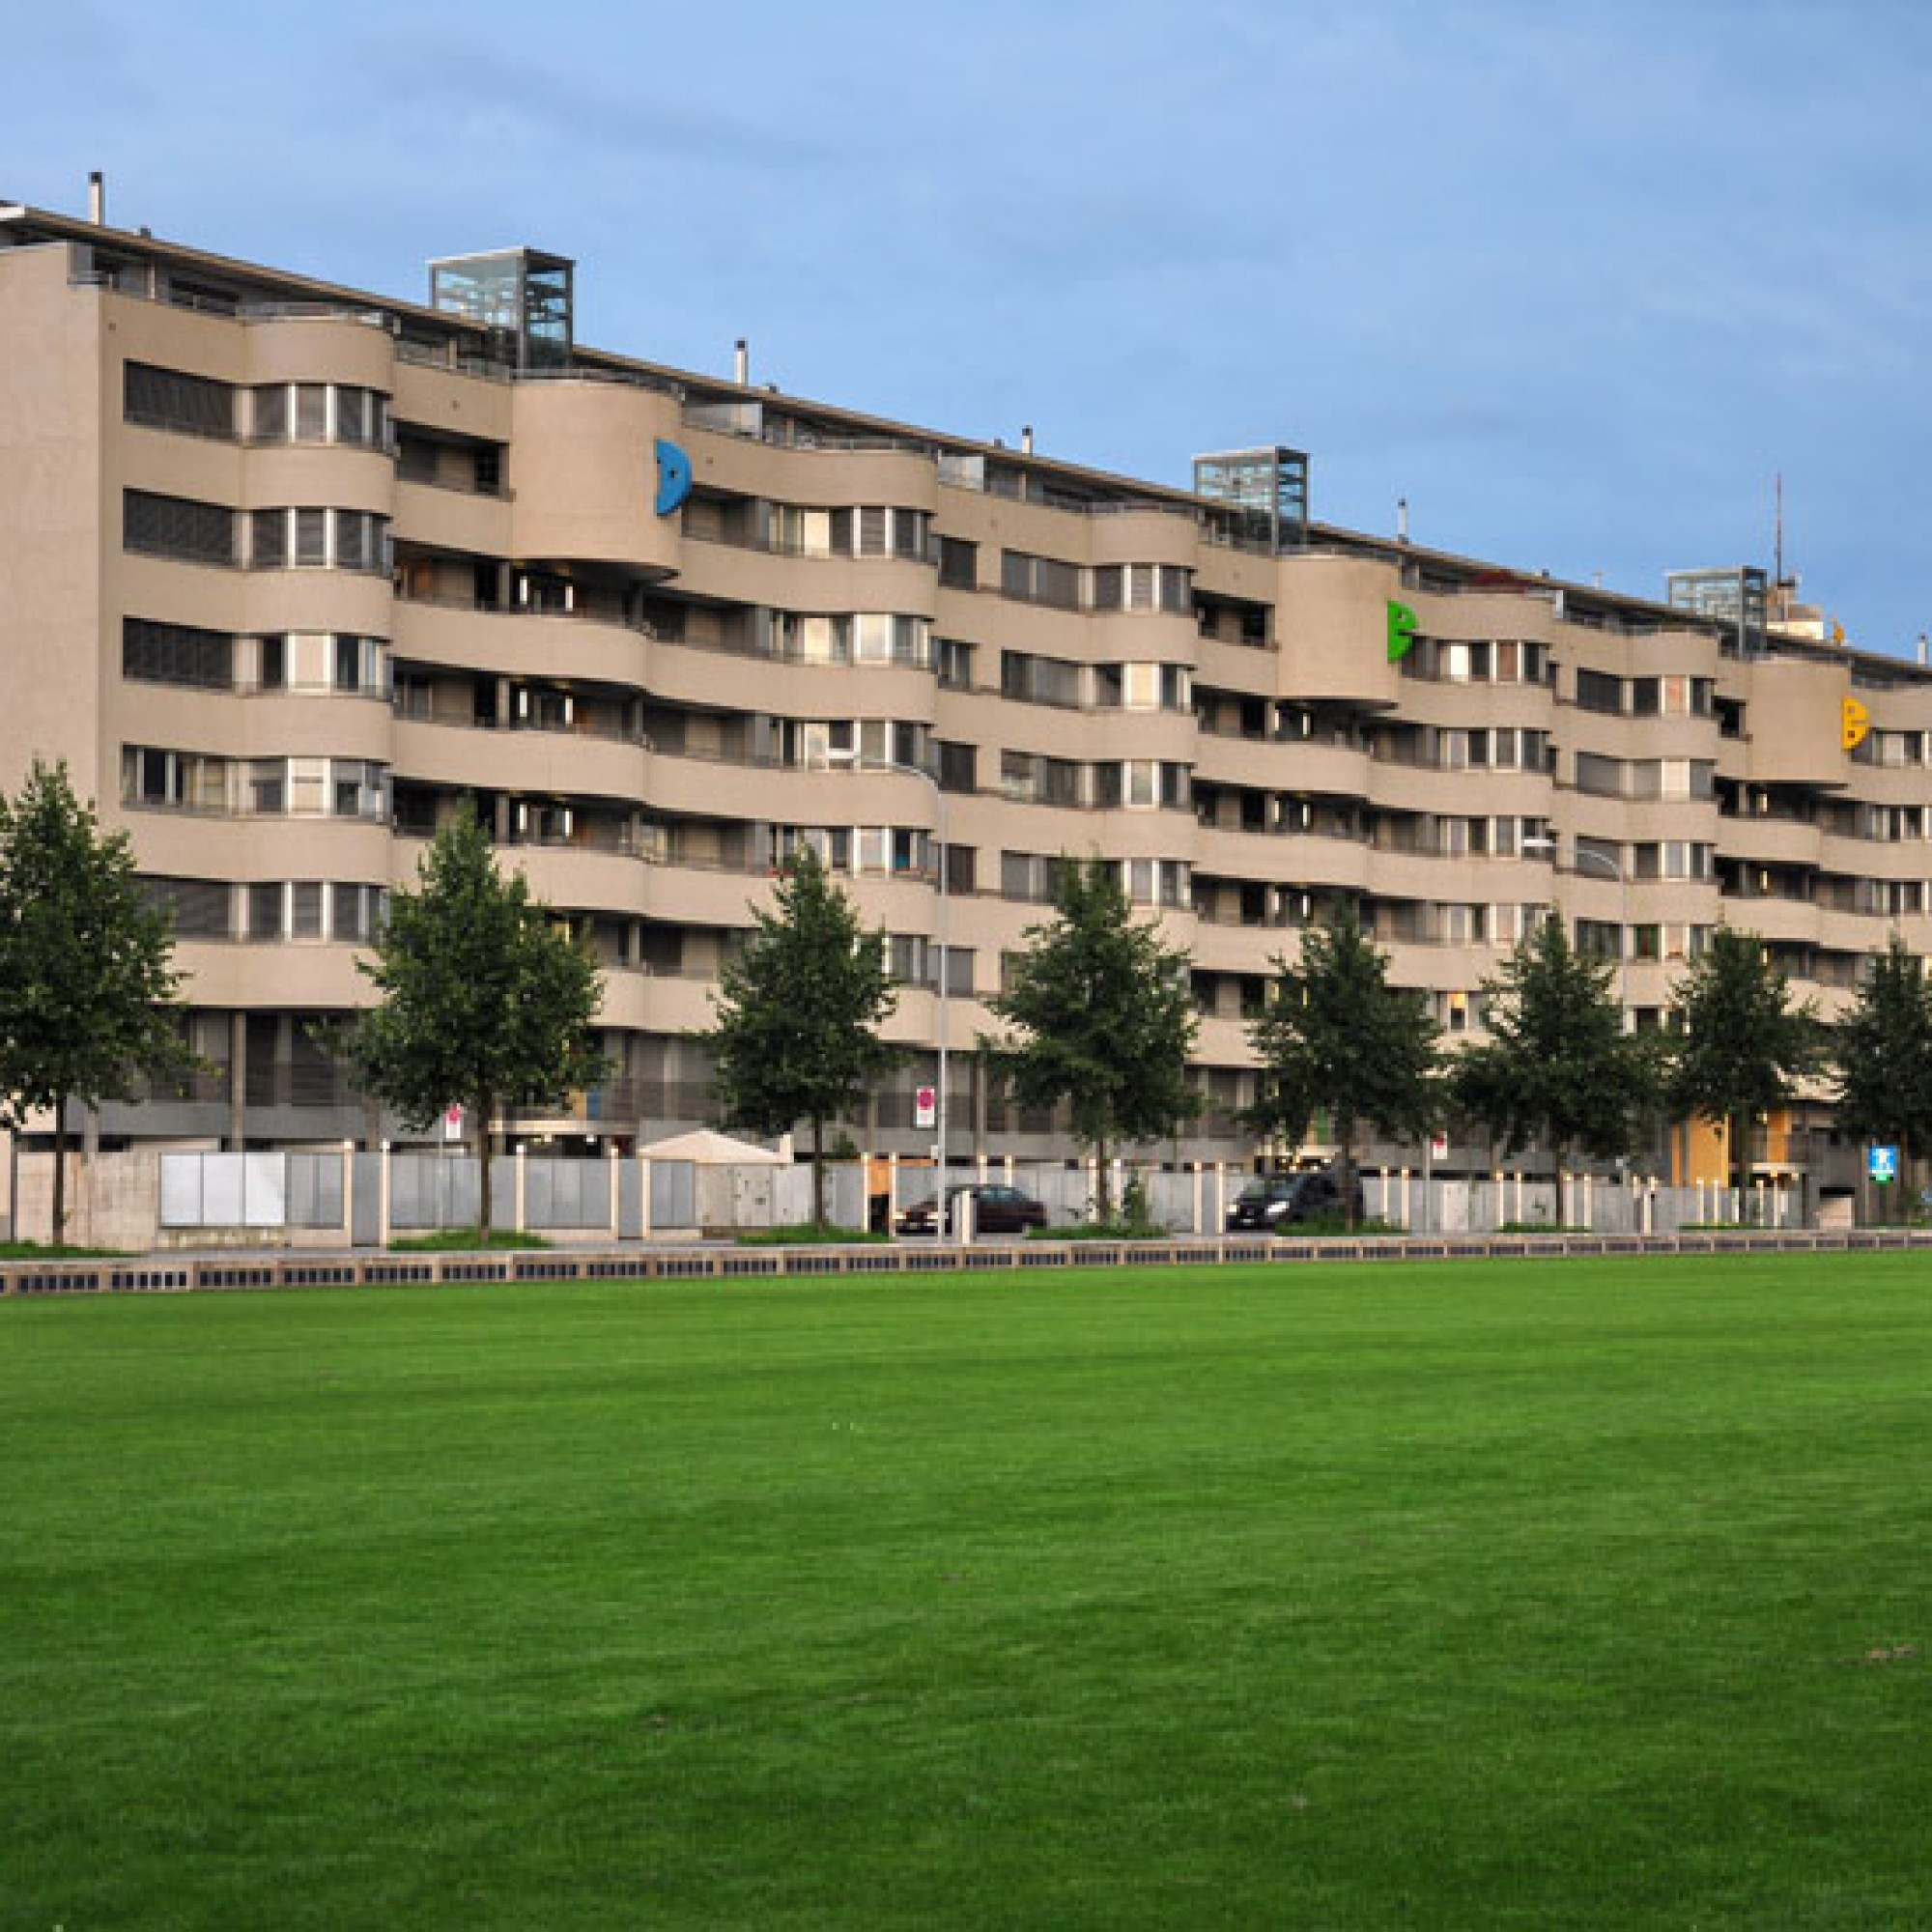 CS-Ökonomen rechnen mit einem Anstieg der Wohnungsleerstände und verweisen damit auf Effekte, die nach der Umsetzung der Initiative gegen Einwanderung eintreten werden. (Bild: Roland zh, wikimedia, CC)